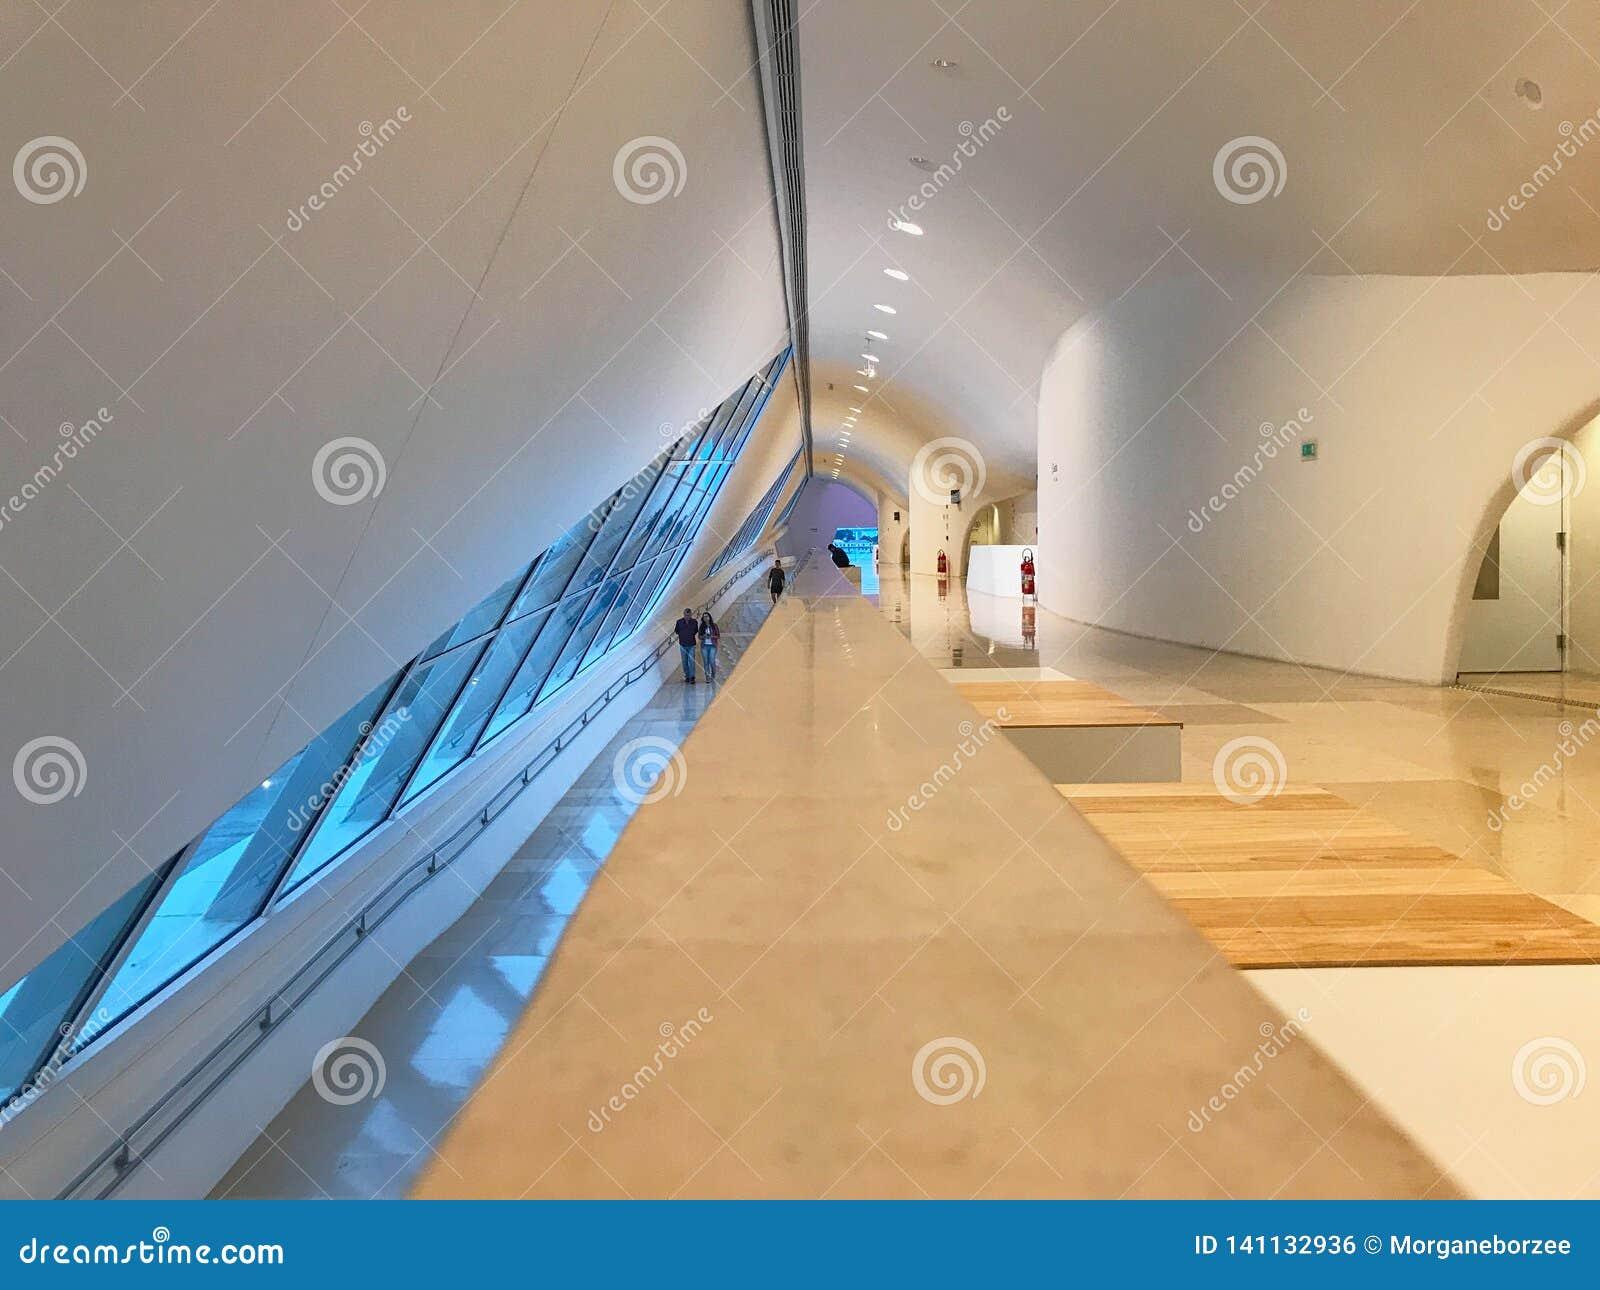 Интерьер музея Amanha, архитектура Сантьяго Калатрава